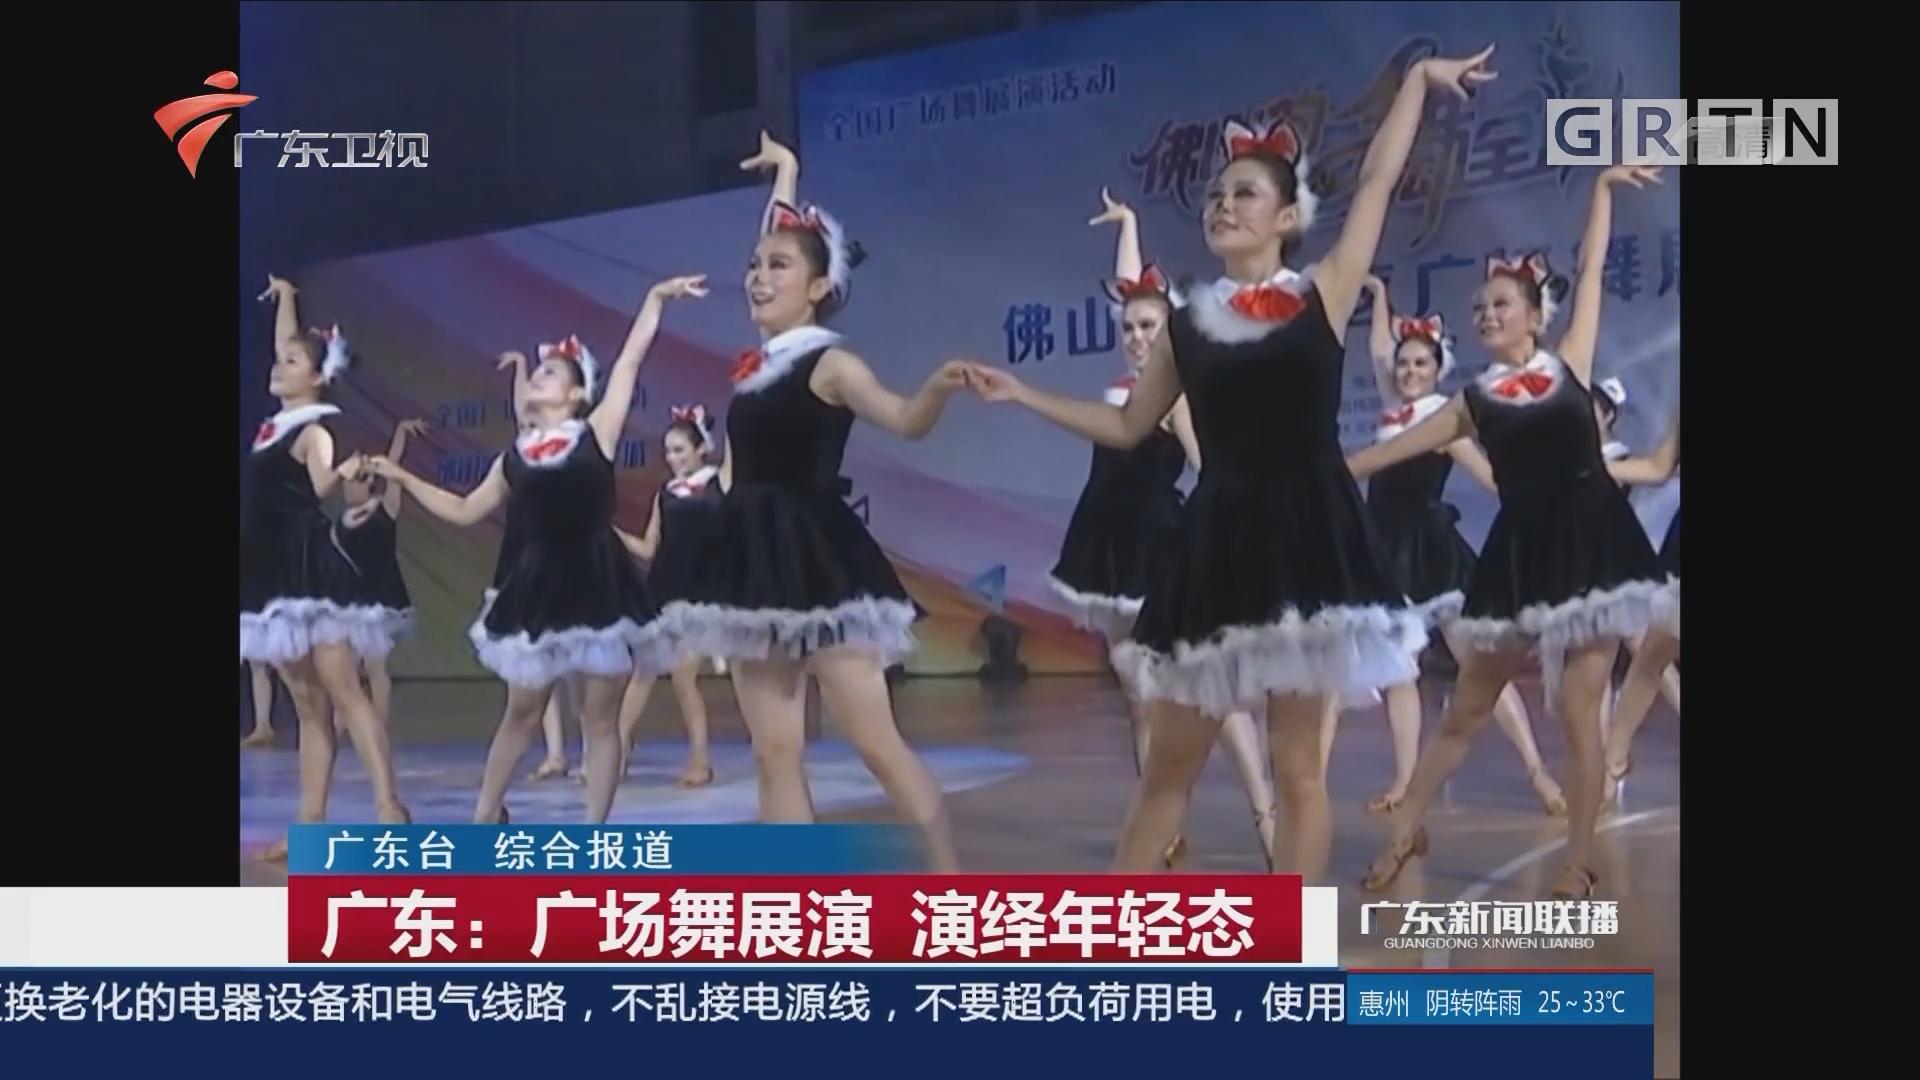 广东:广场舞展演 演绎年轻态